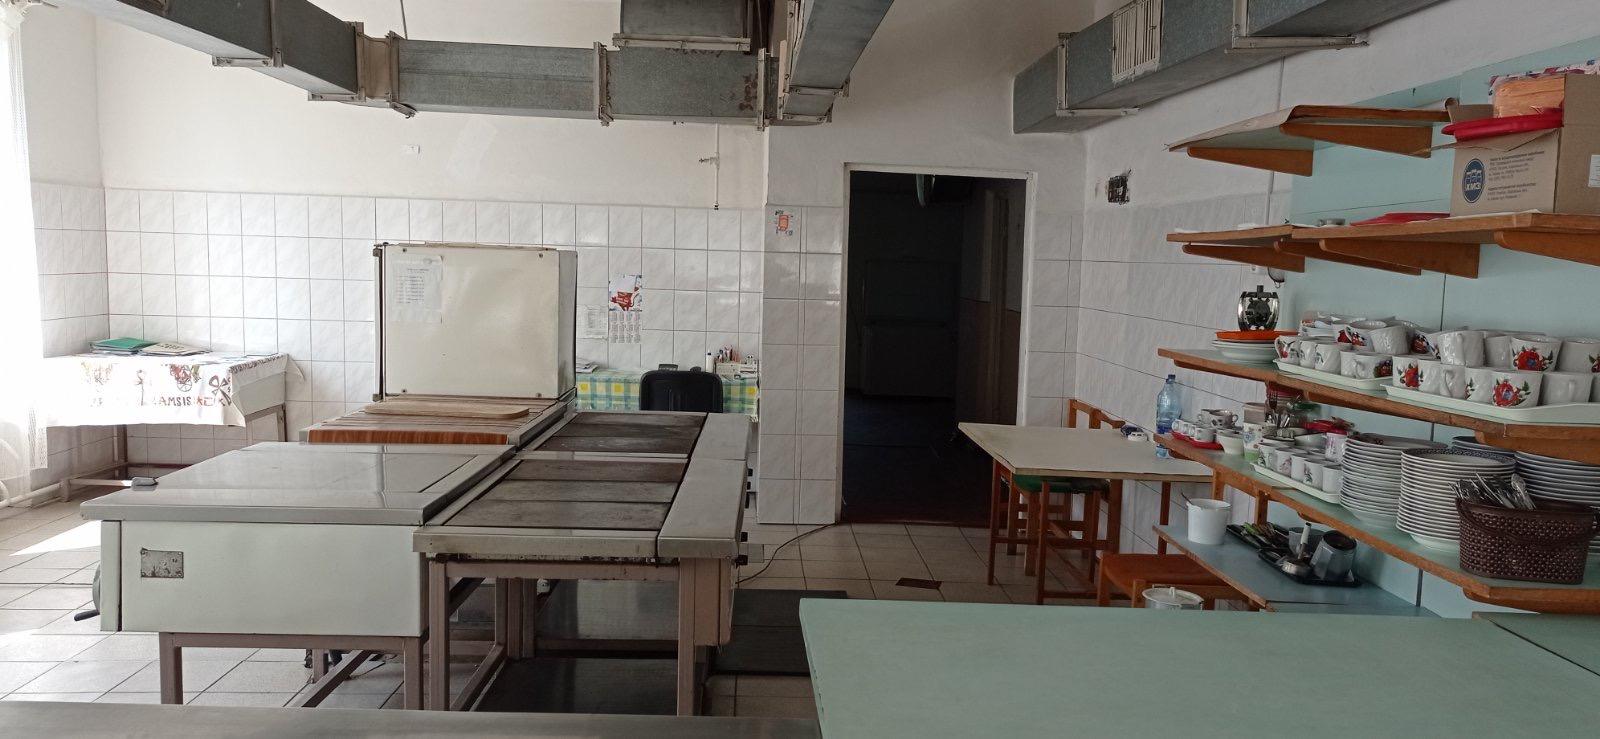 Передача в оренду об'єкта комунального майна Холмківської територіальної громади -   частина приміщення комплексу, загальноосвітньої школи І-ІІІ ступенів приміщення столової